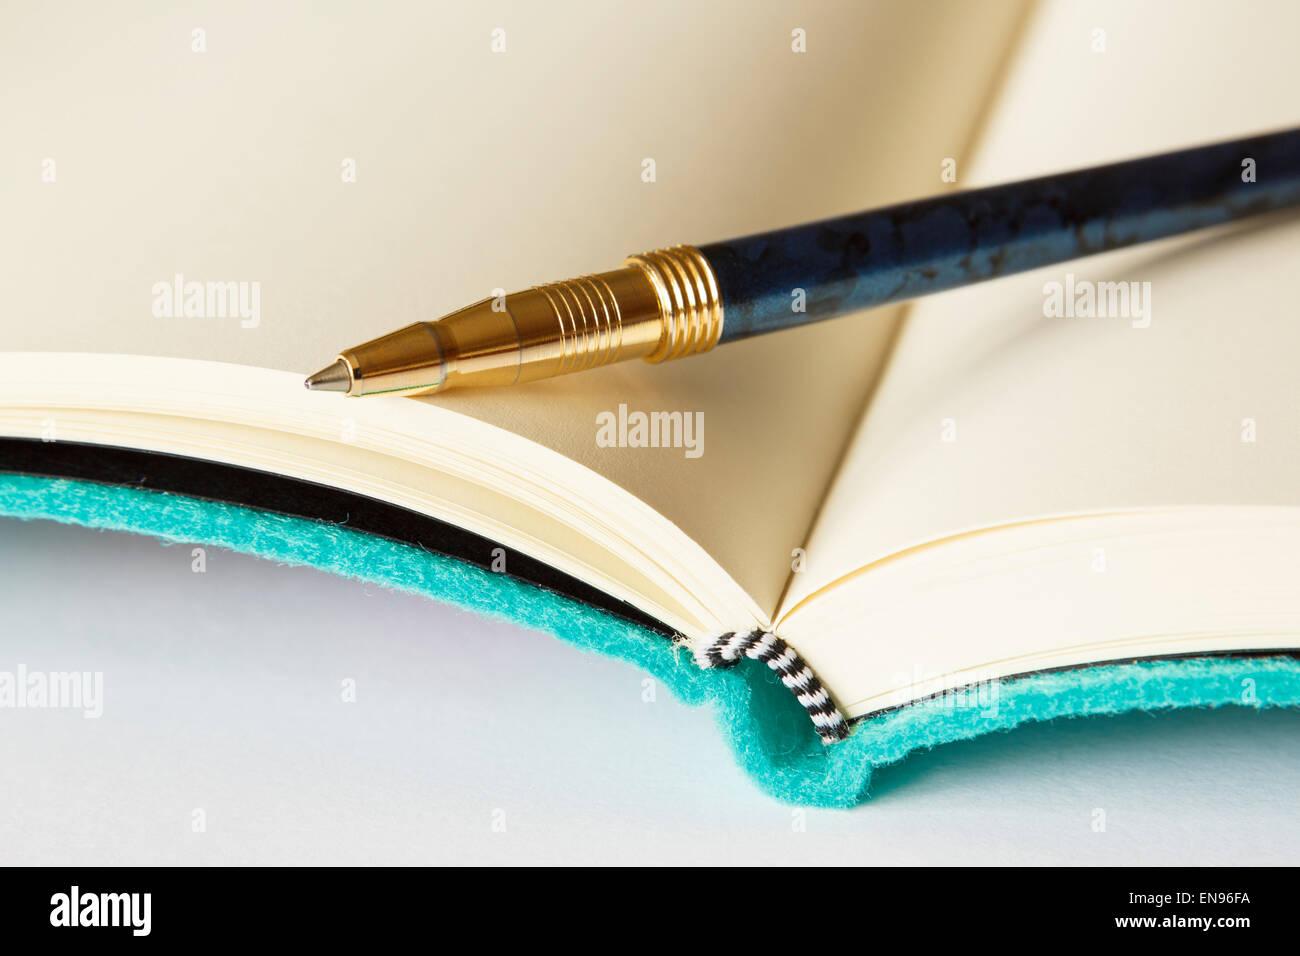 Ouvrez l'ordinateur portable blanc avec un stylo sur la page sur une surface pleine fond blanc. Photo Stock